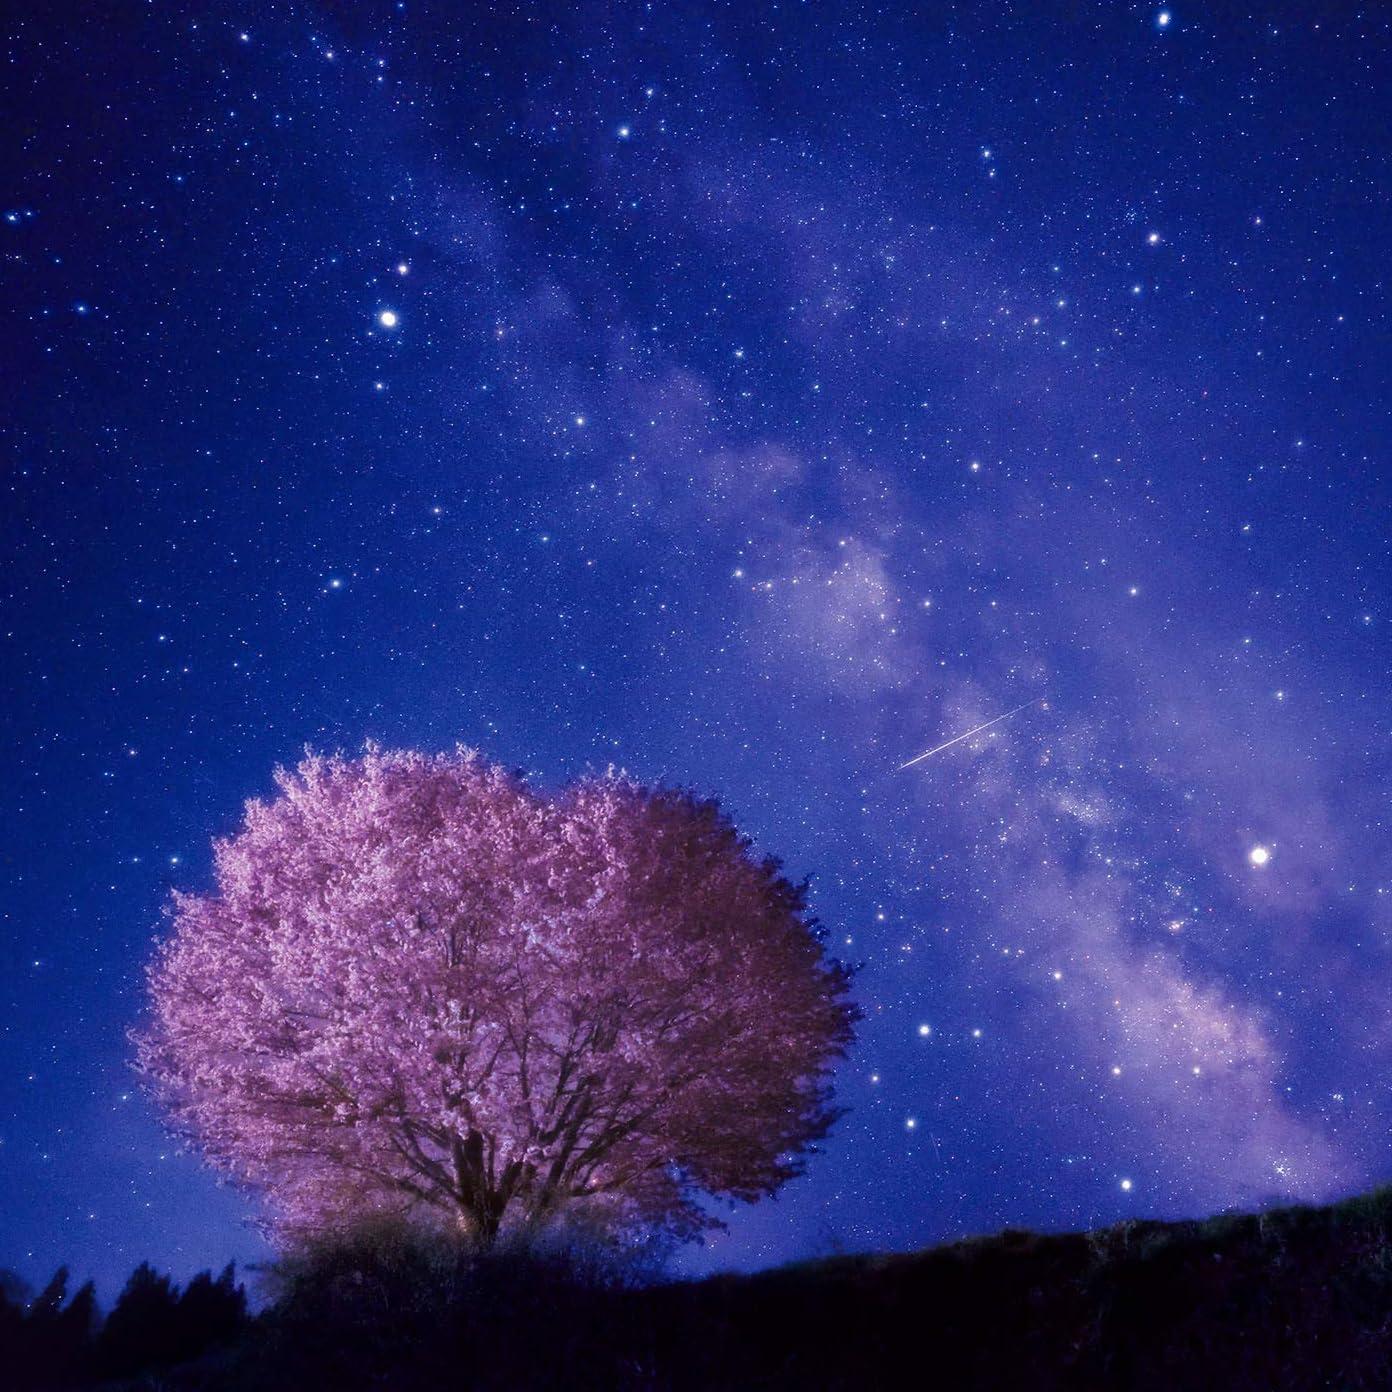 星空 Ipad壁紙 夜桜の上を流れる天の川 その他 スマホ用画像122963